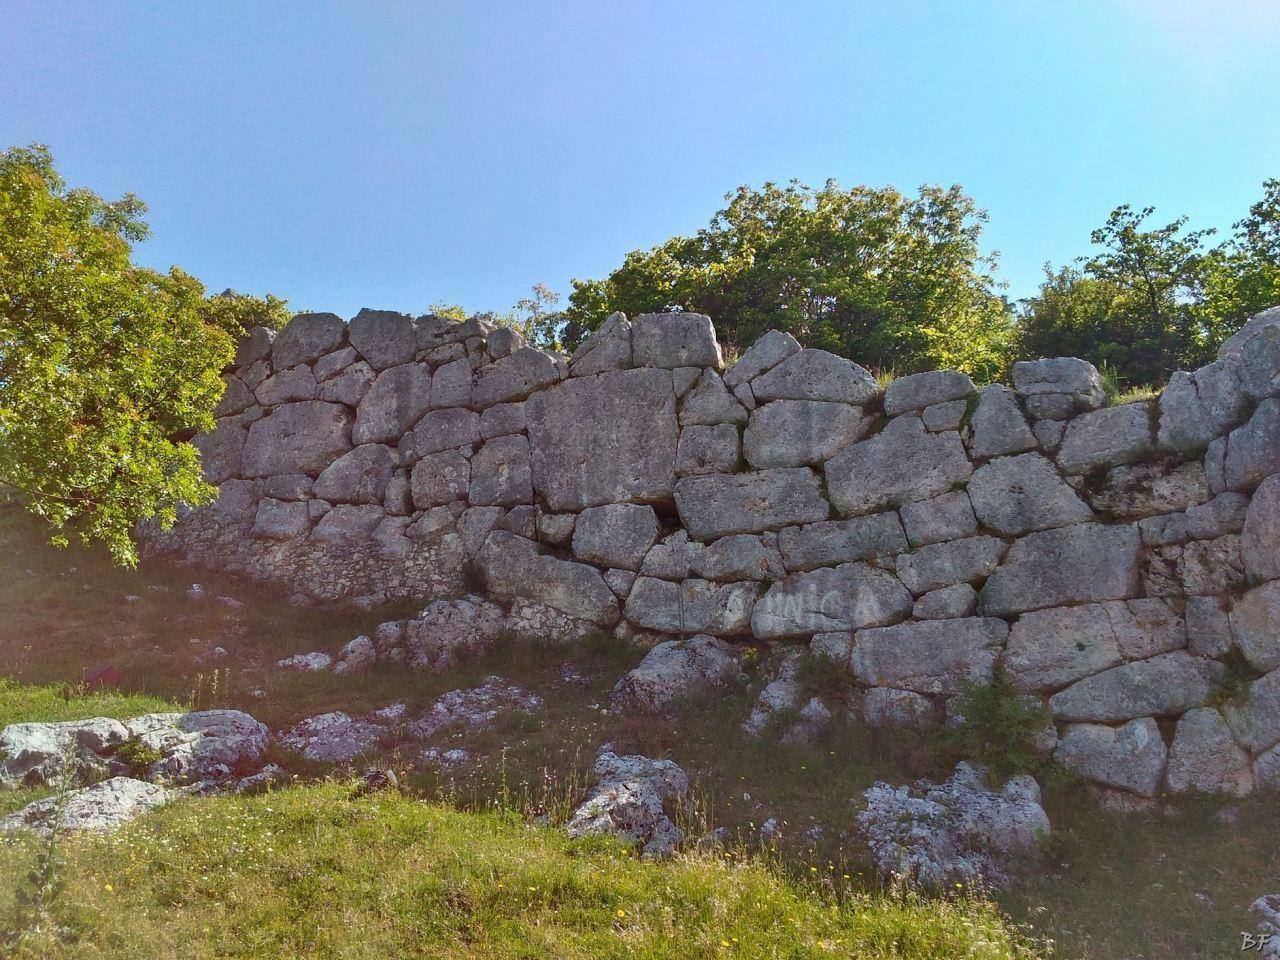 Signia-Mura-Poligonali-Megalitiche-Segni-Roma-Lazio-Italia-30